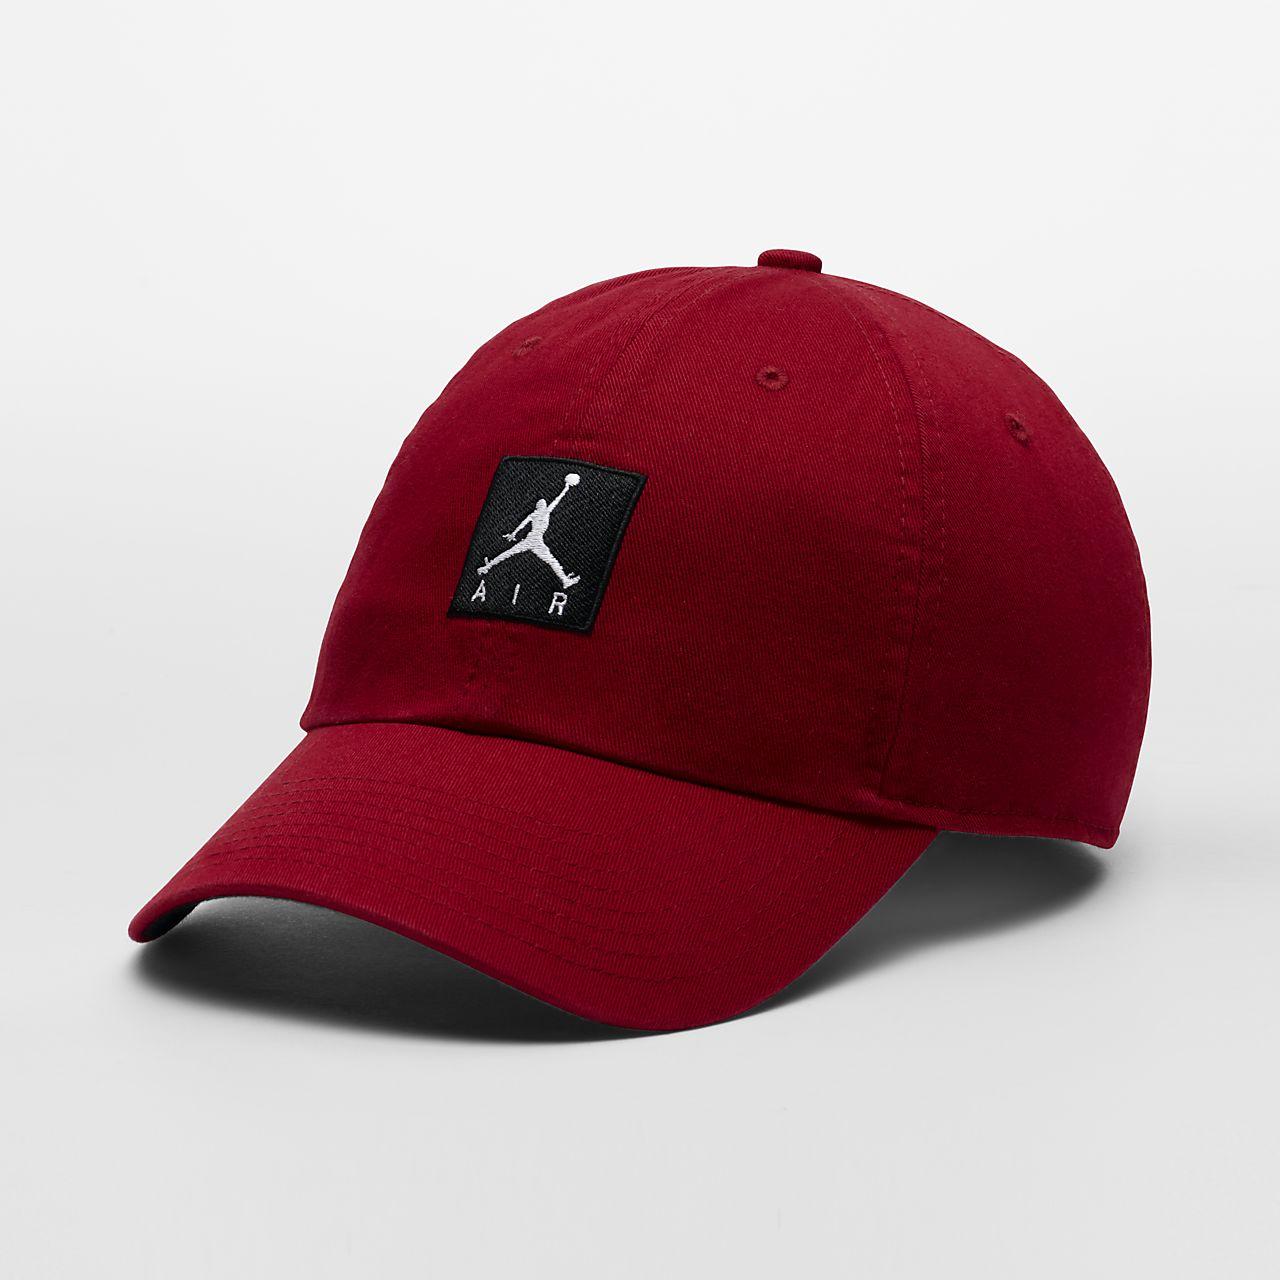 cb11d34305f68 ... discount air jordan jumpman h86 adjustable hat d719a f9dec